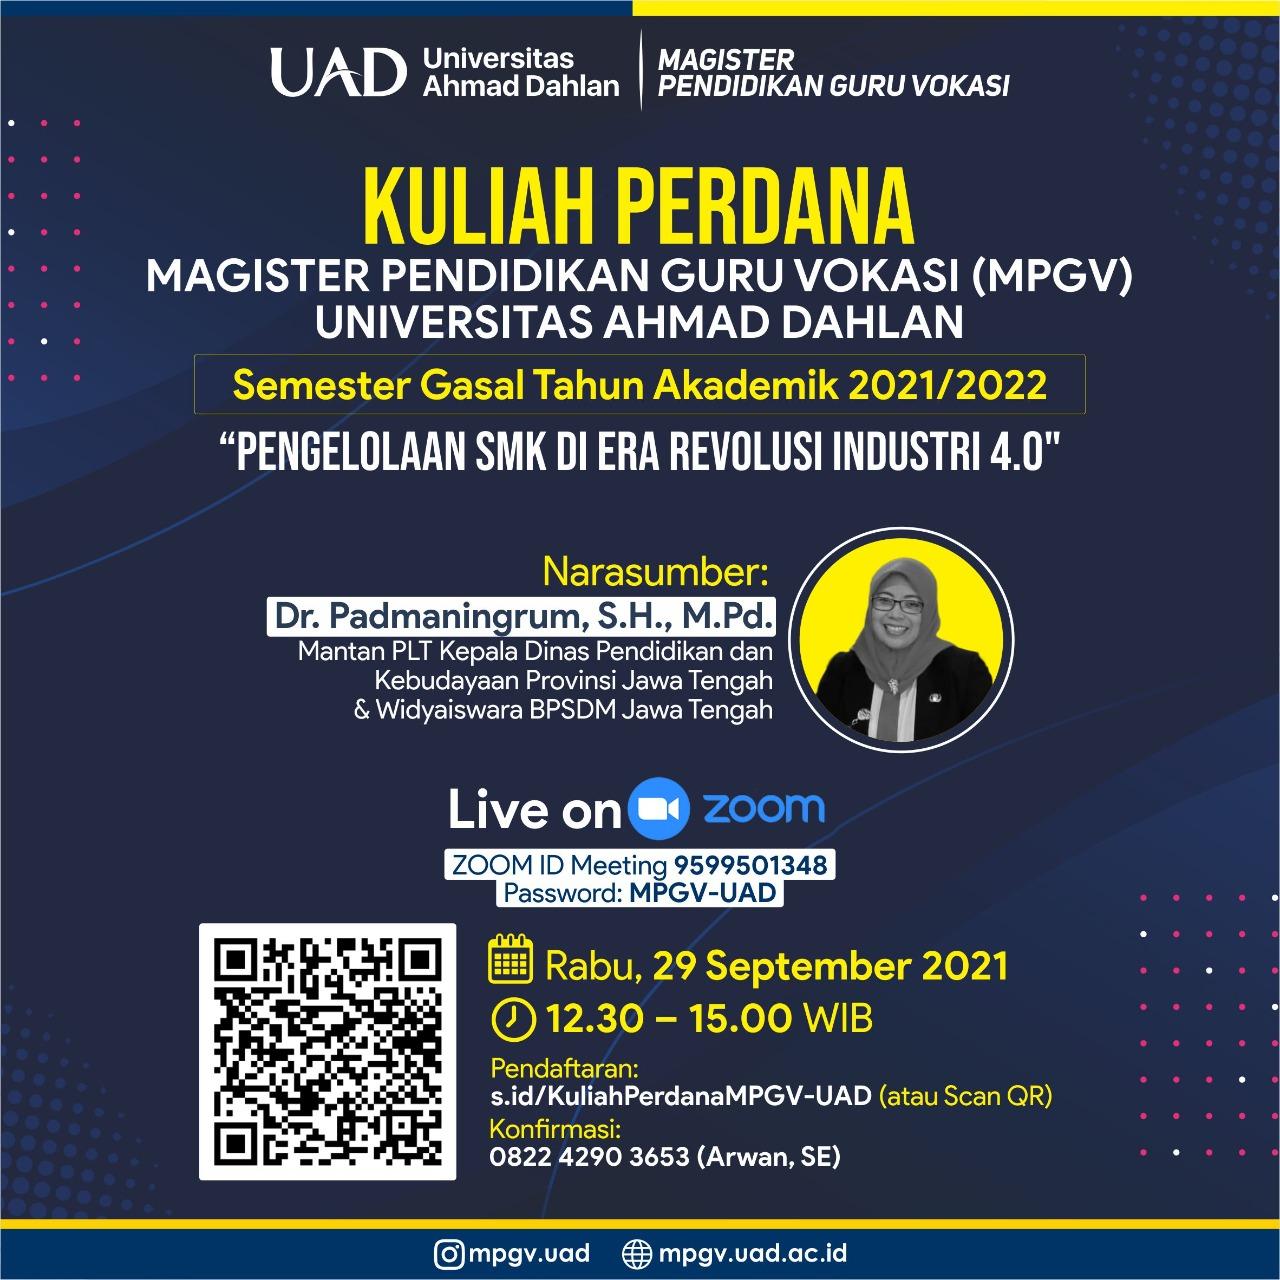 Kuliah Perdana MPGV-UAD Semester Gasal 2021/2021